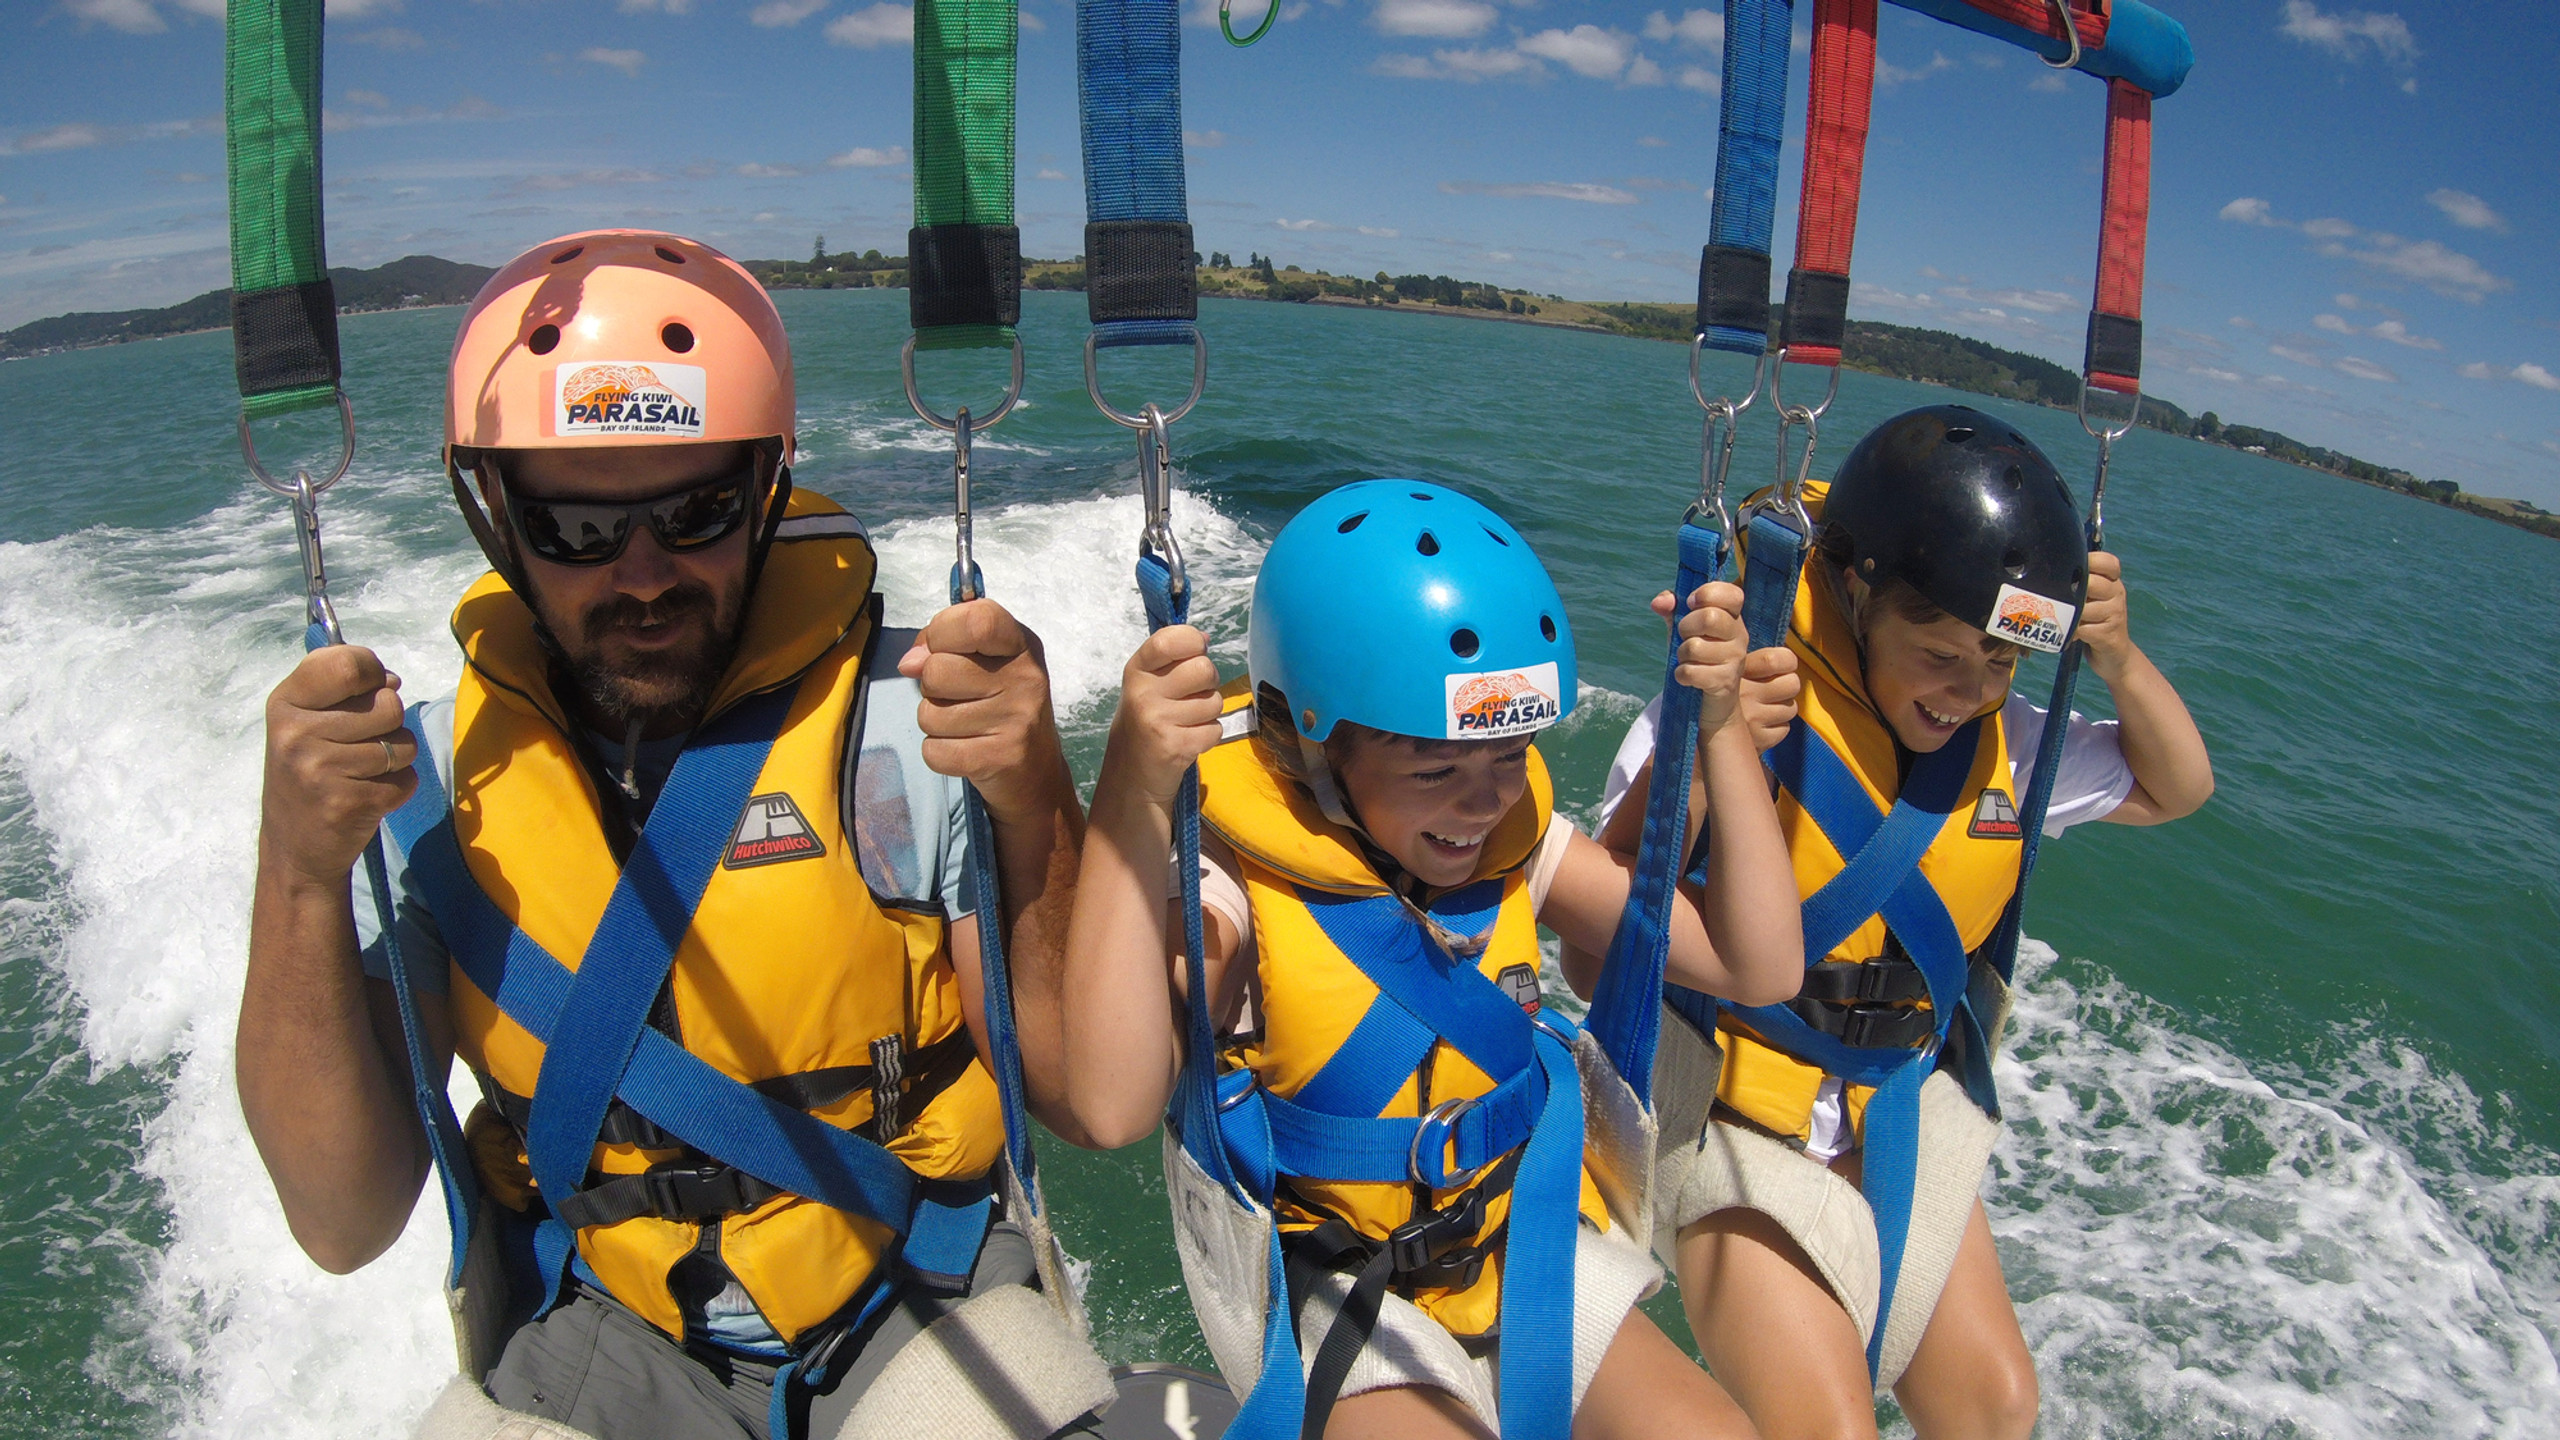 Bay of Islands, New Zealand attractions, New Zealand activities